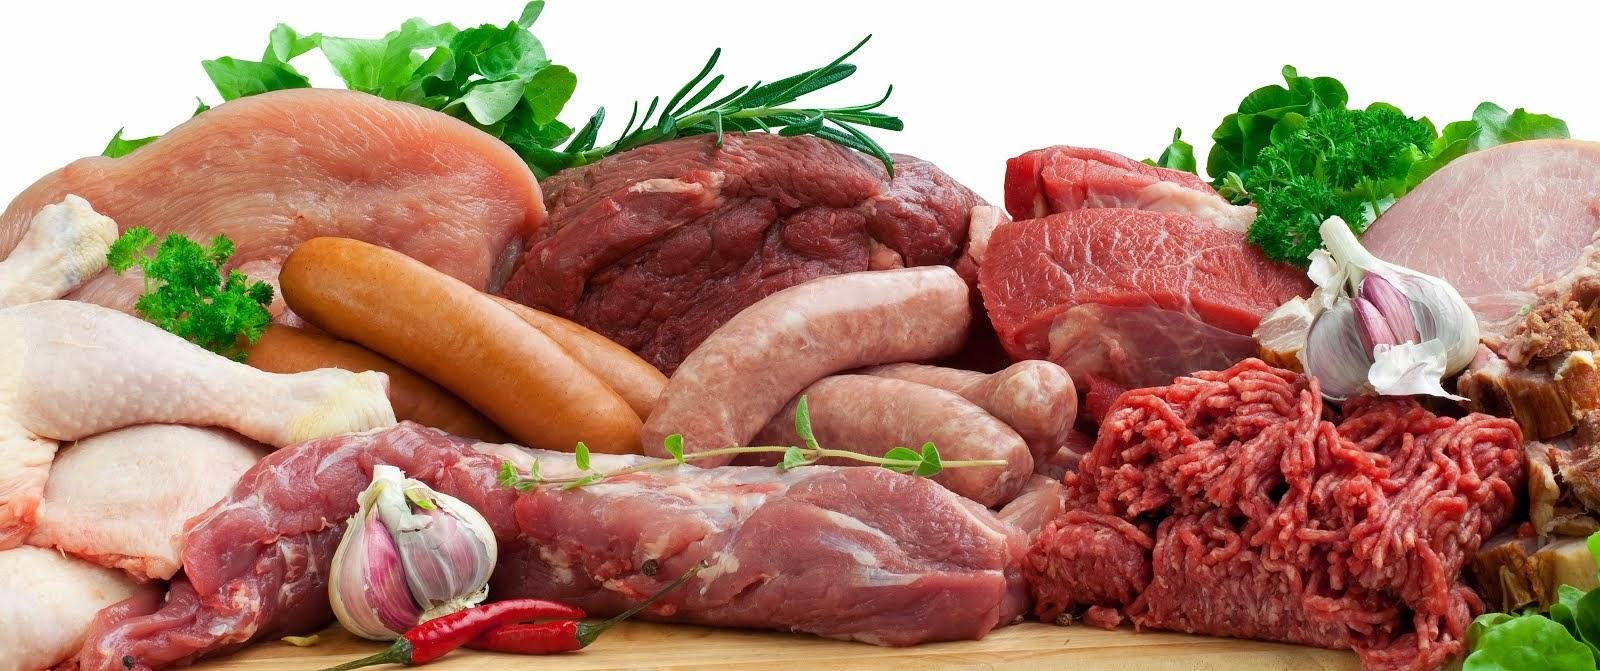 Resultado de imagem para carnes